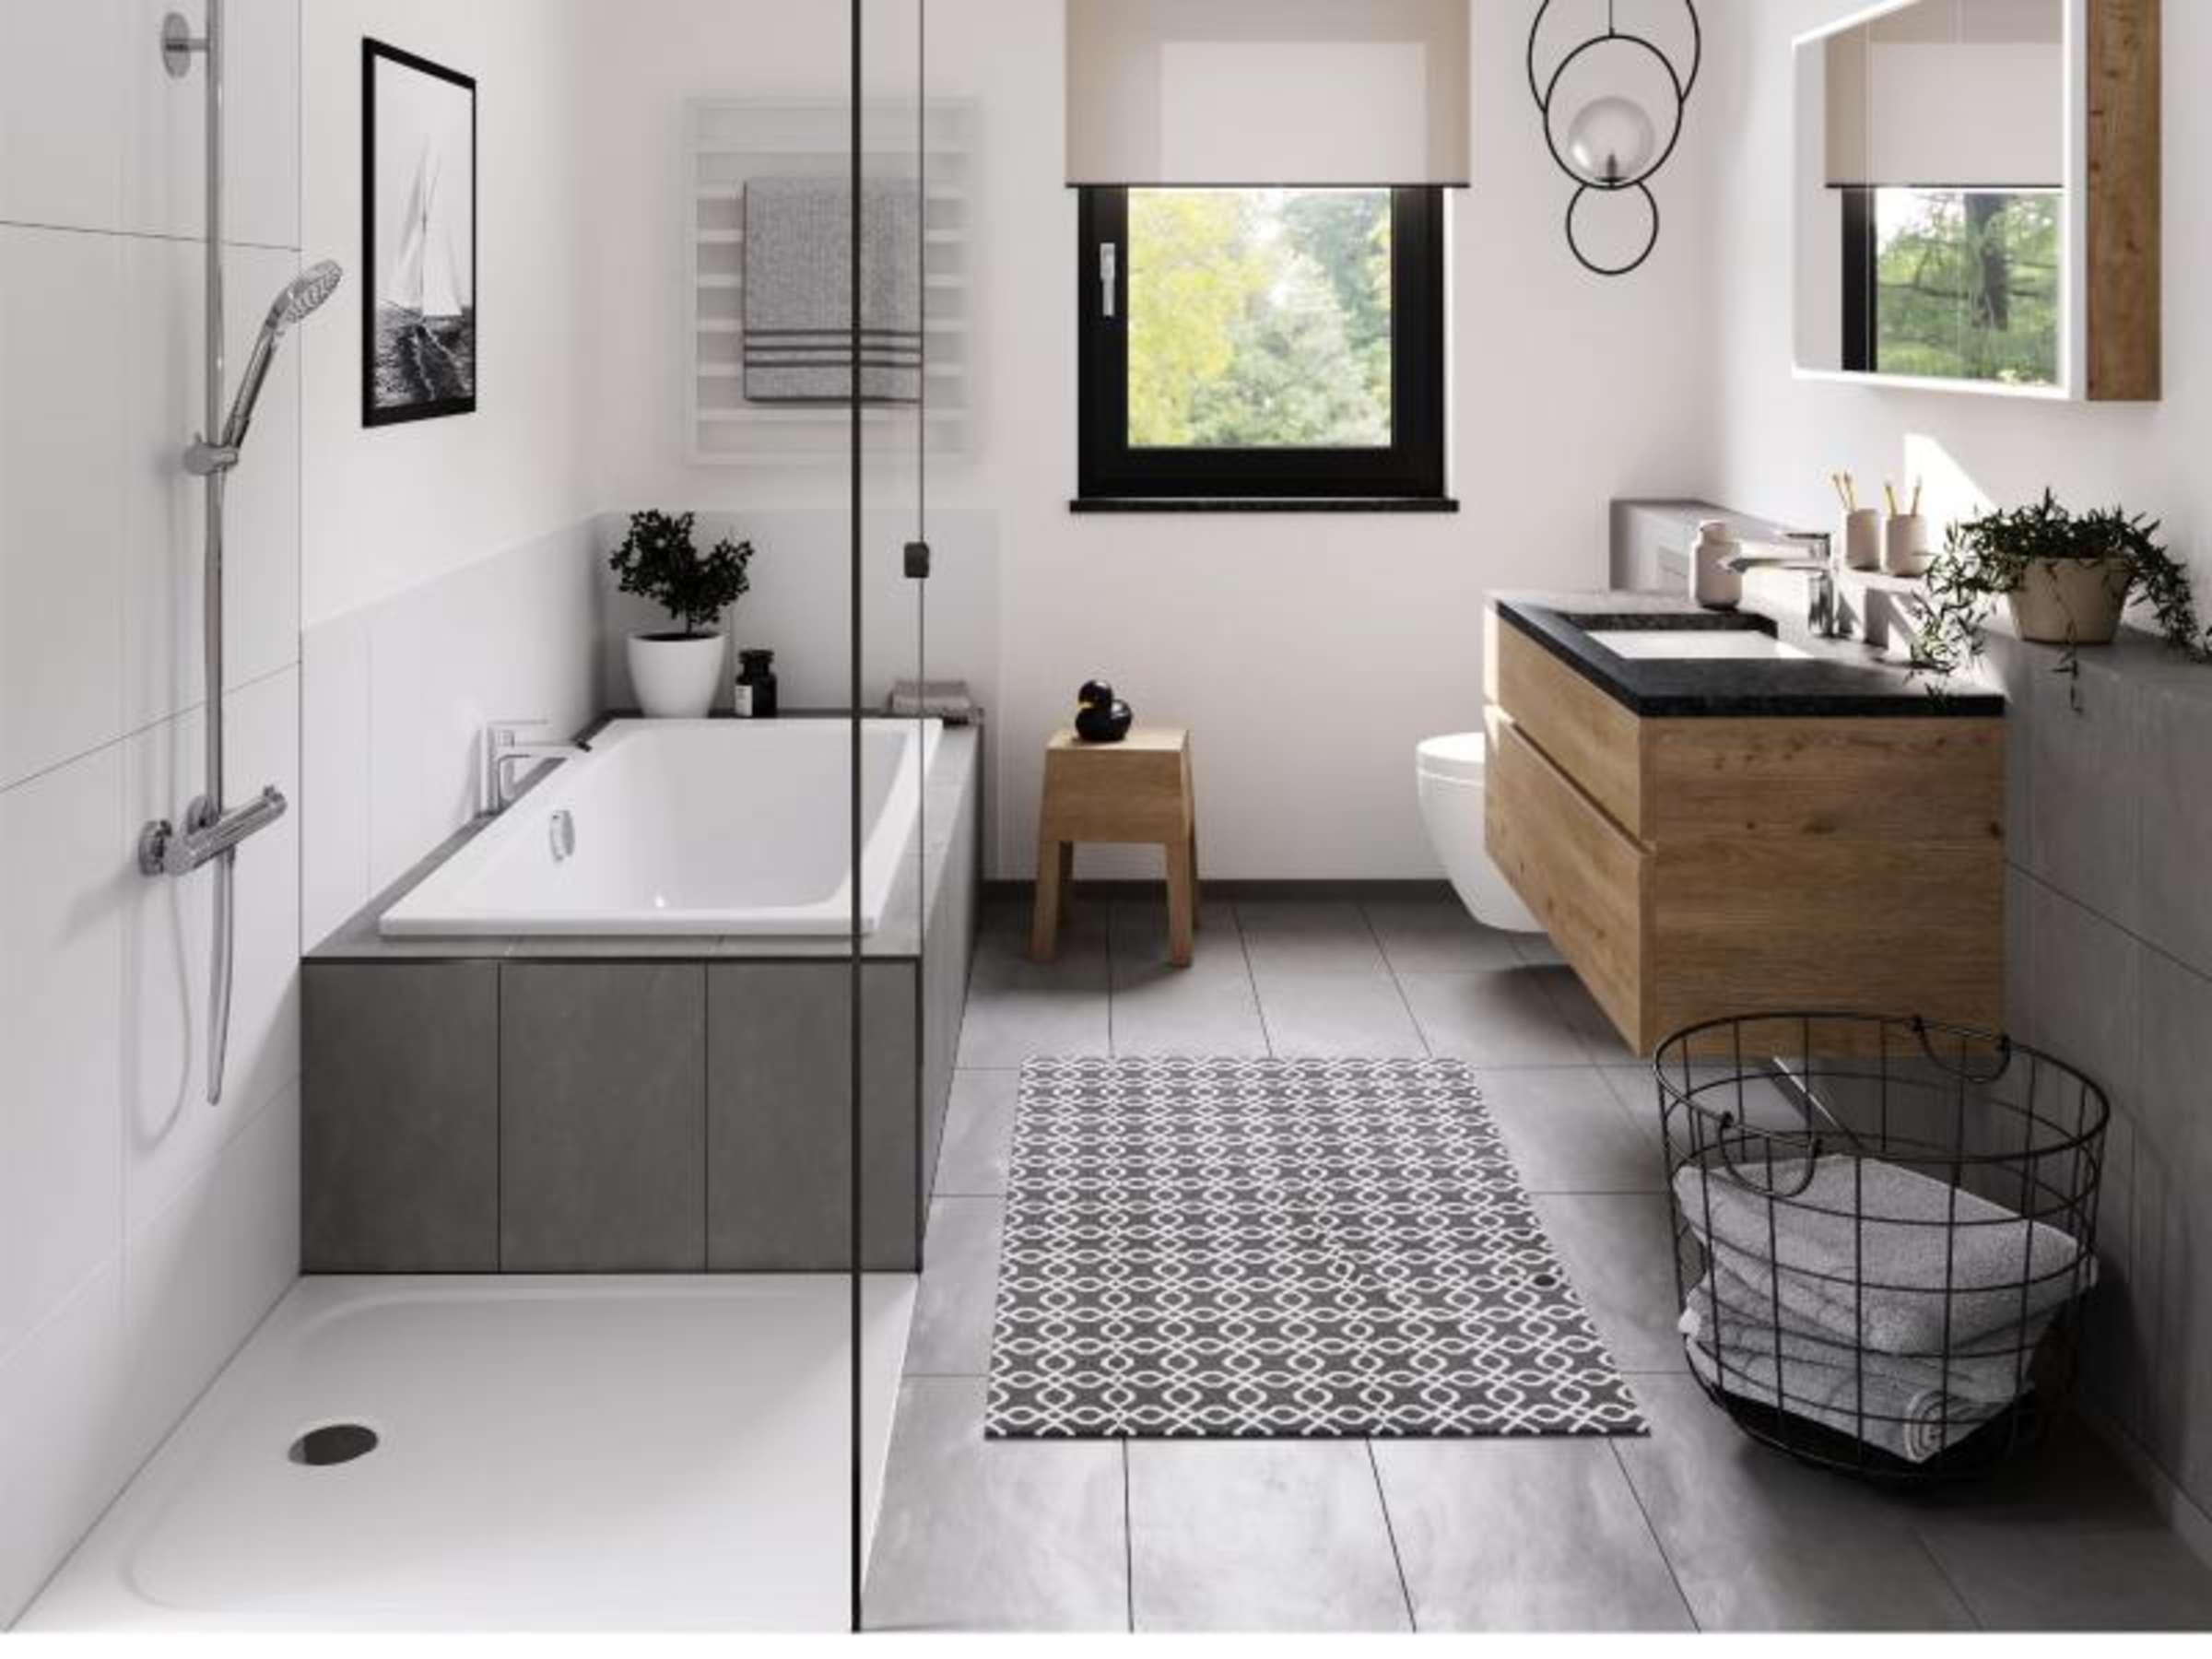 Das Badezimmer als privates Spa   wie sieht das aus   Wohnen